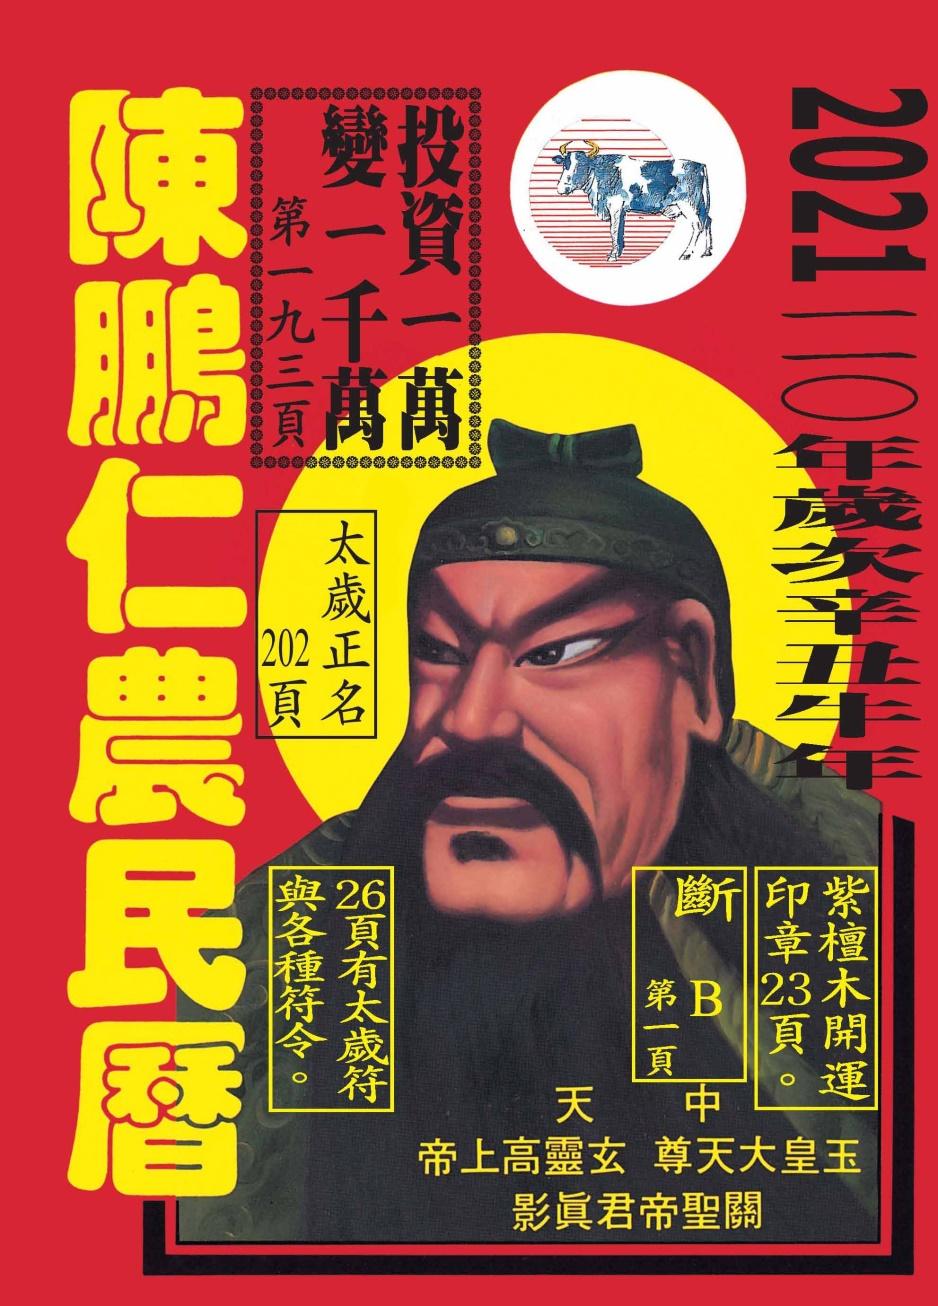 陳鵬仁農民曆(關公) 110年